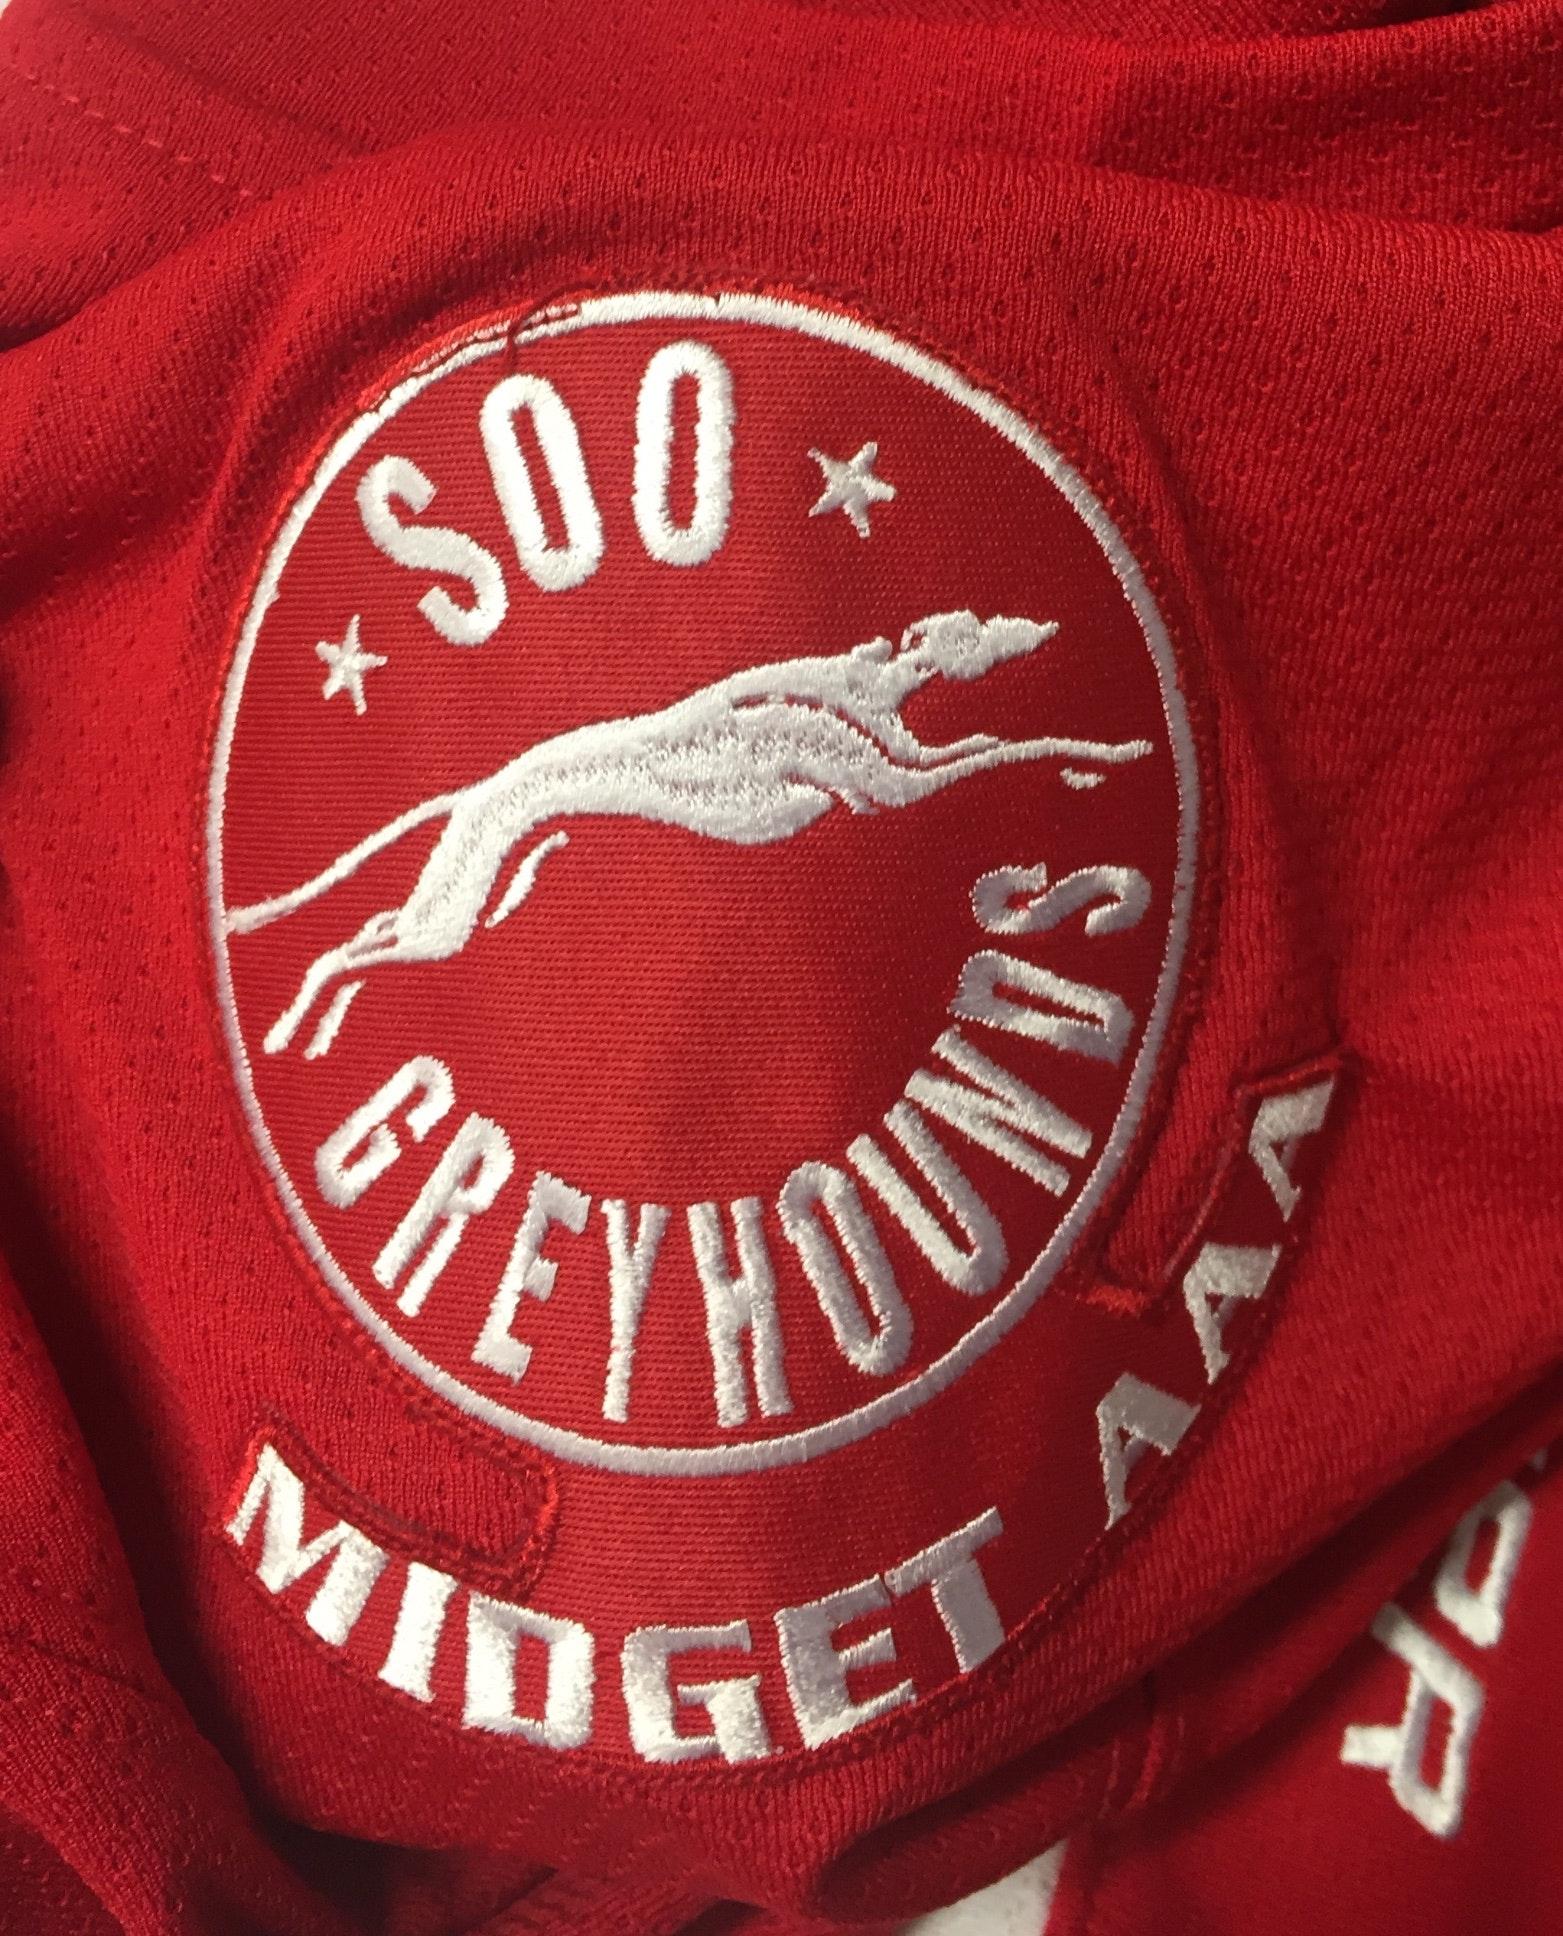 Soo Midget AAA Greyhounds